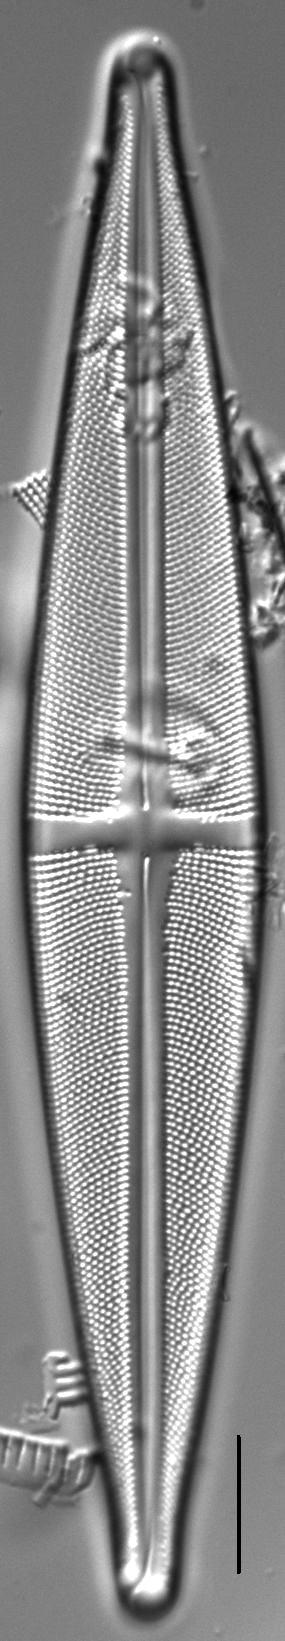 Stauroneis angustilancea LM7